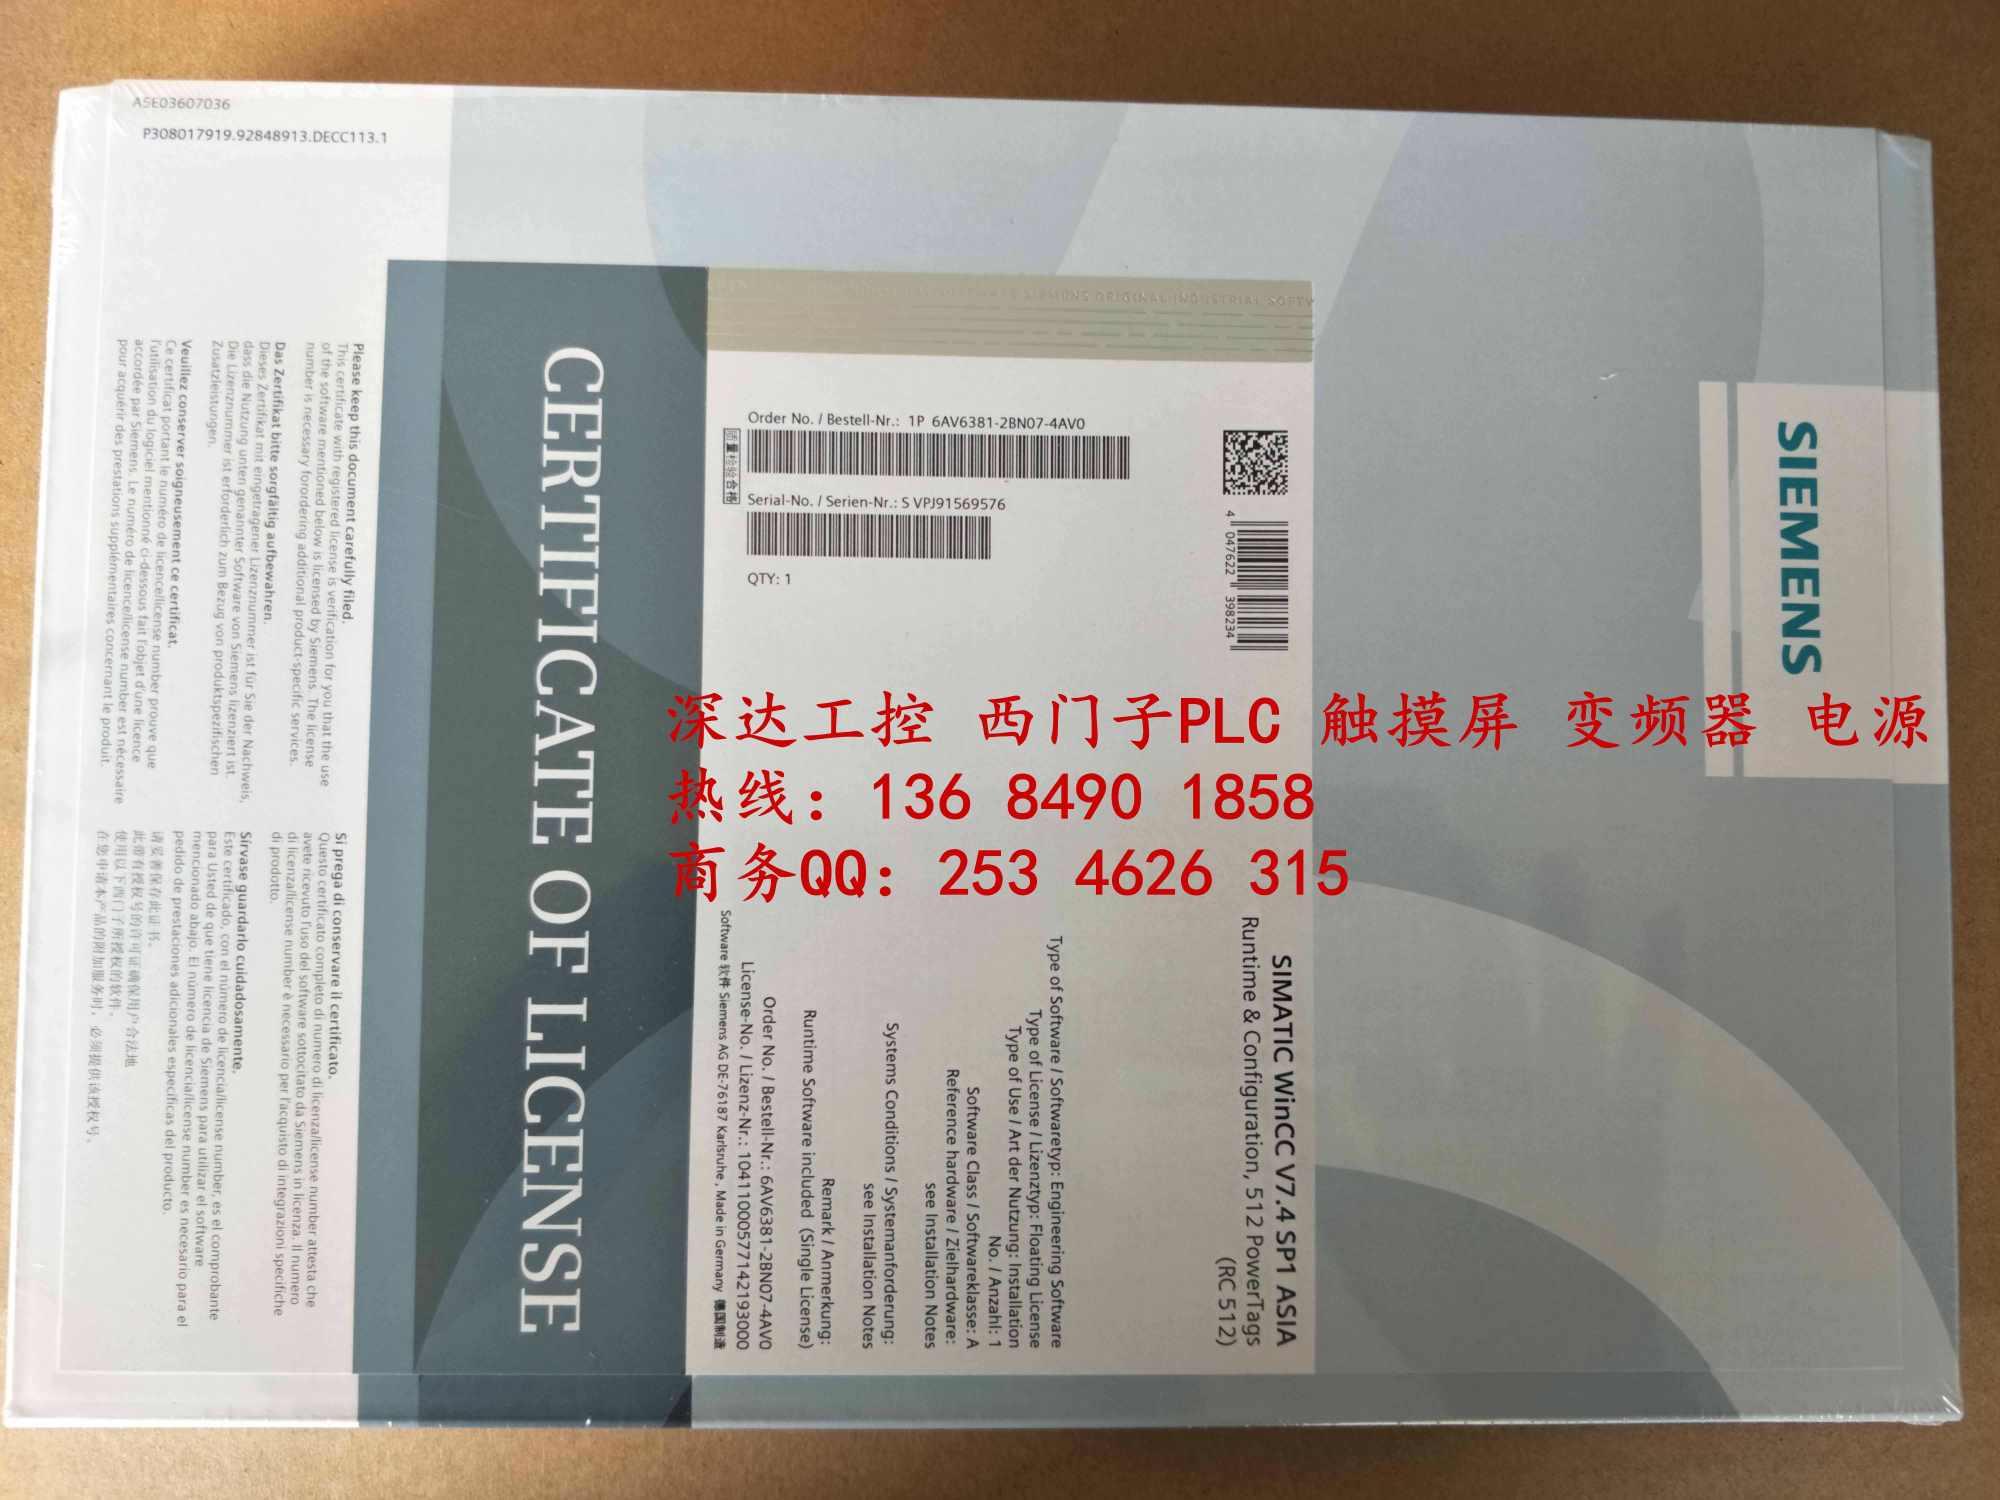 6AV6381-2BN07-4AV0西门子WINCC V7 4-深圳市深达工控贸易有限公司